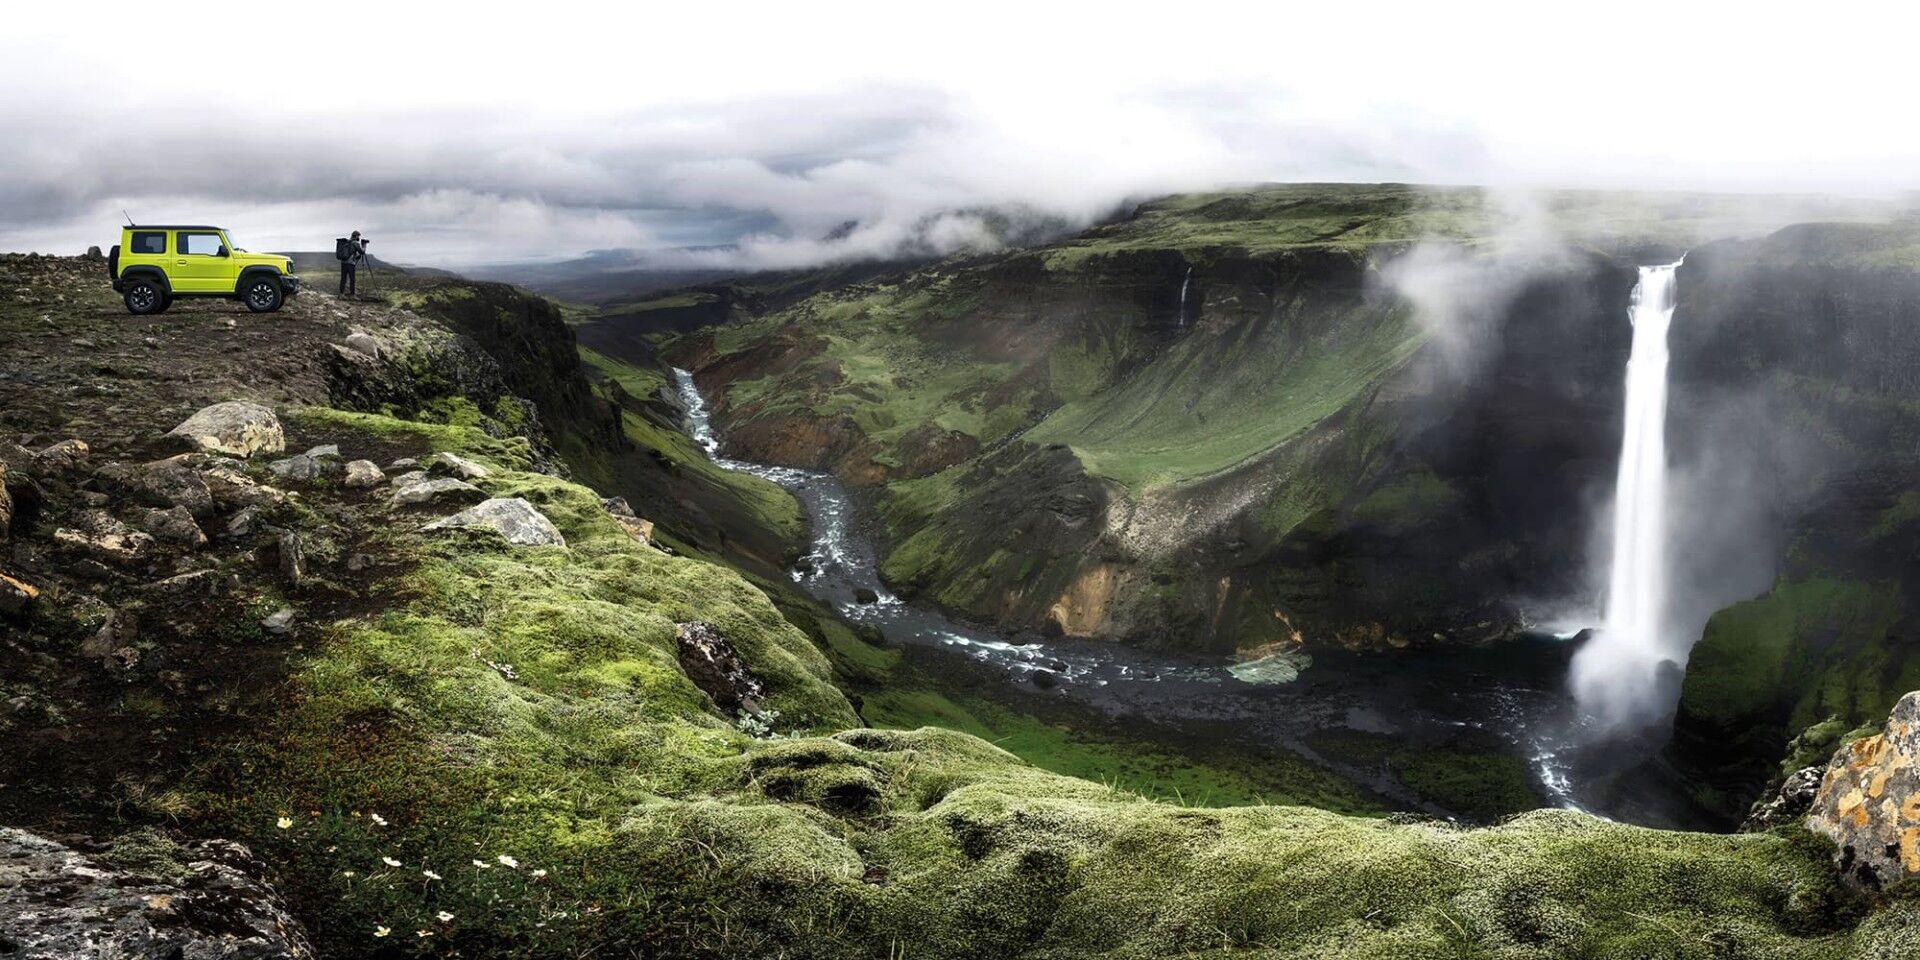 jimny at waterfall valley